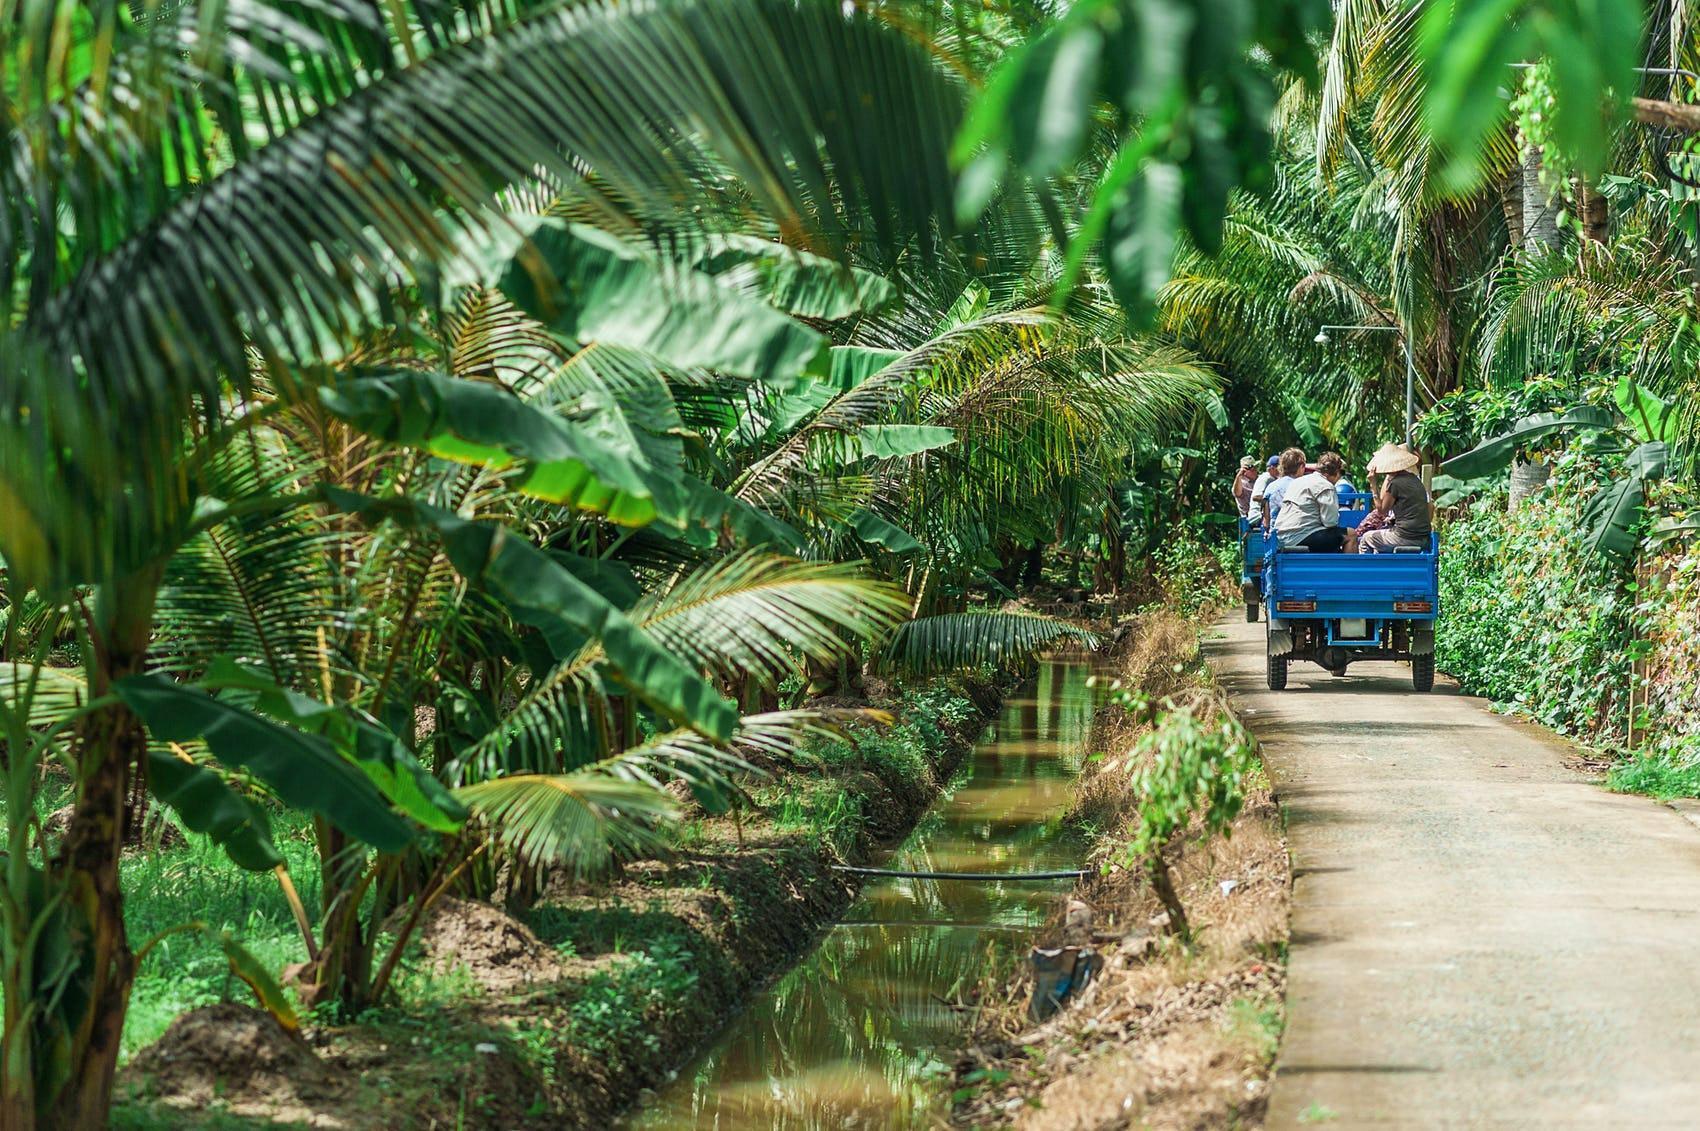 Báo quốc tế giới thiệu 7 cung đường check-in đẹp nhất Việt Nam - Ảnh 5.